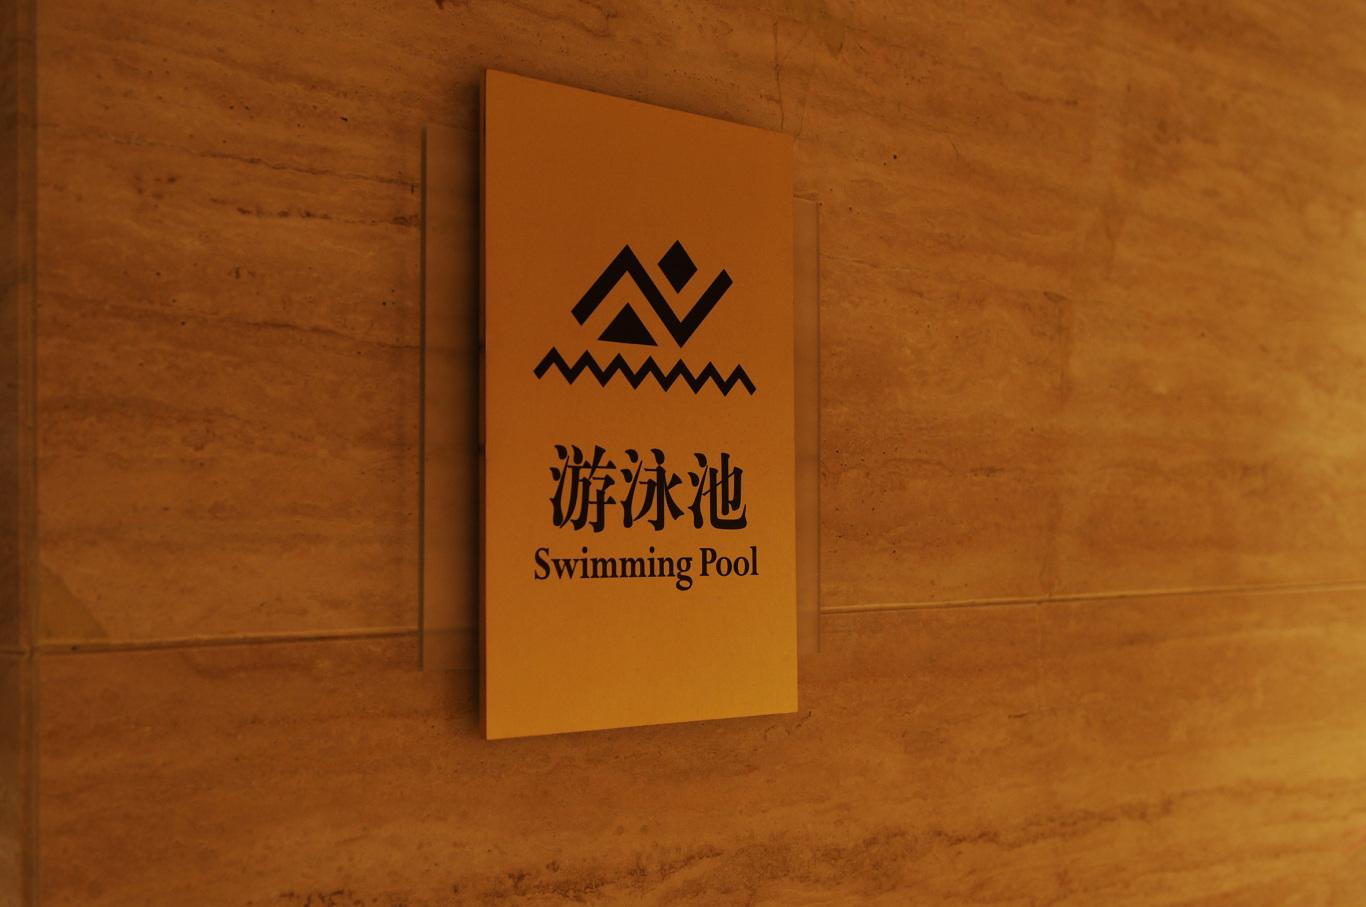 合肥皇冠假日酒店导视系统设计图13